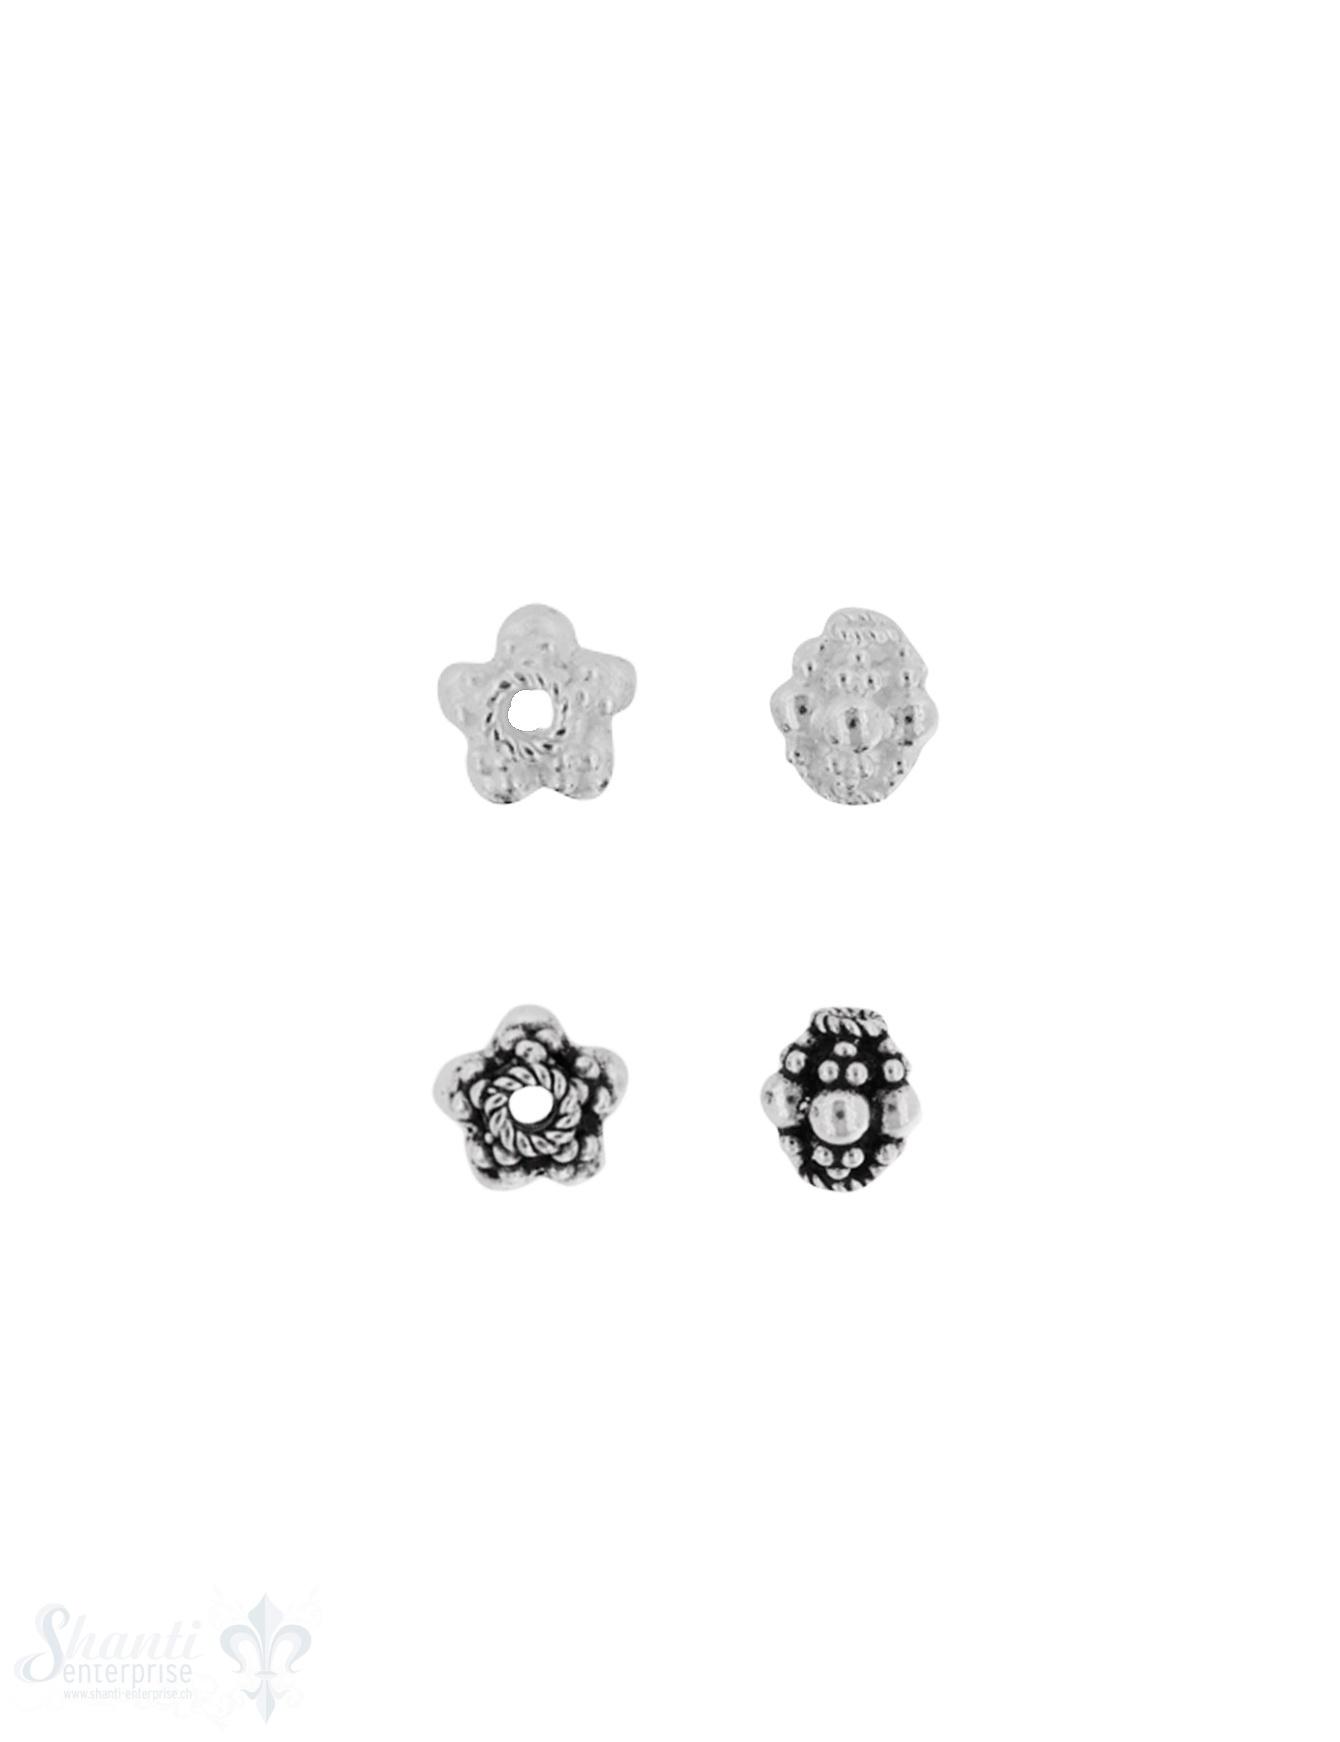 Zwischenteil Silber Navette verziert 8x 7 mm Loch 1.5 mm Pack = 4 Stk.